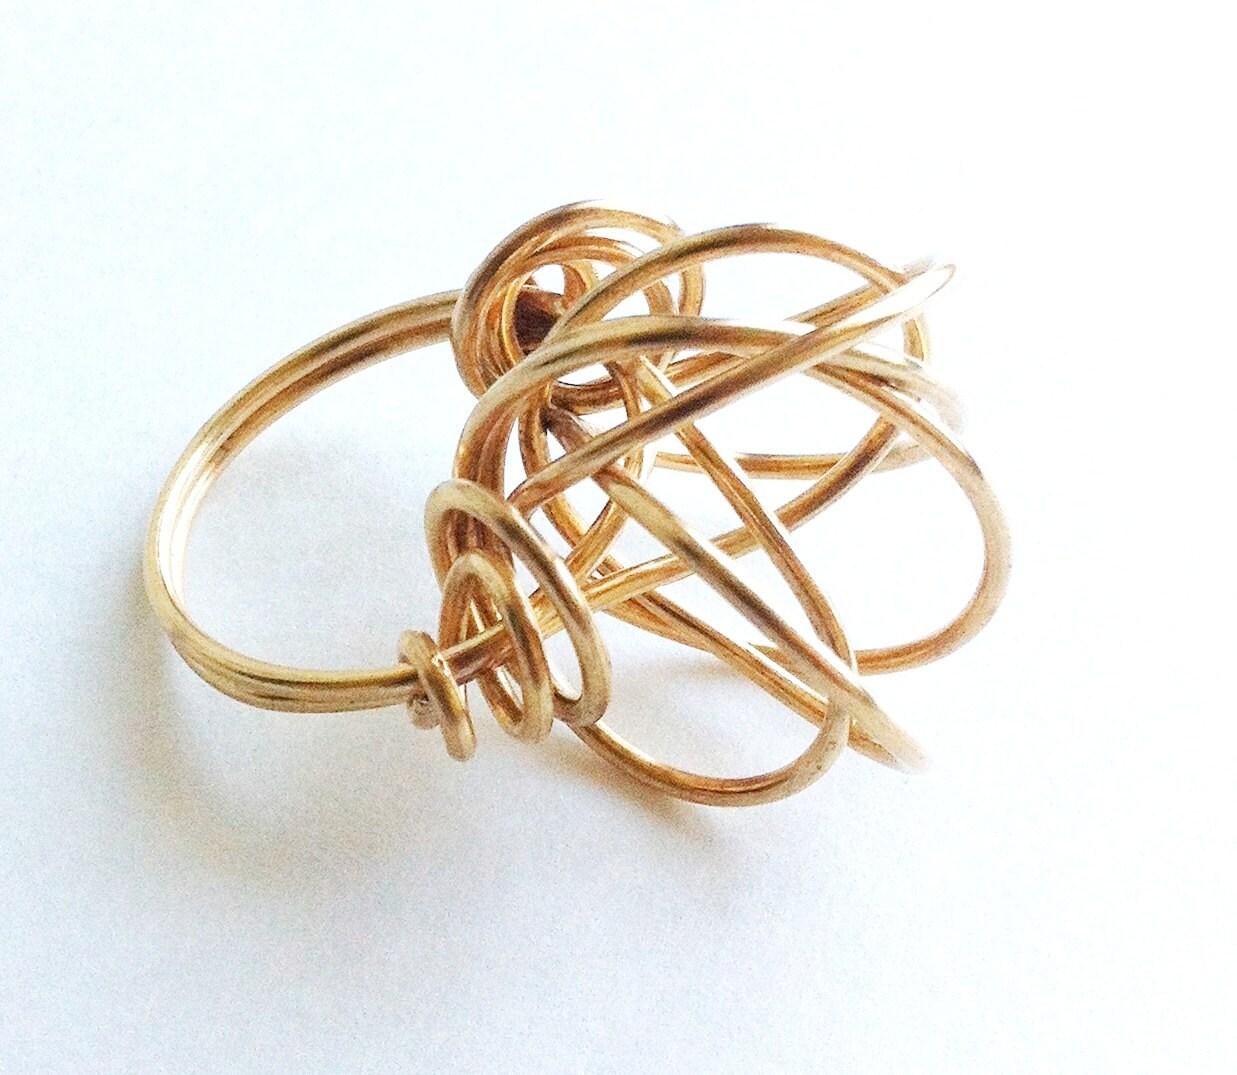 MESSY -  Brass Ring